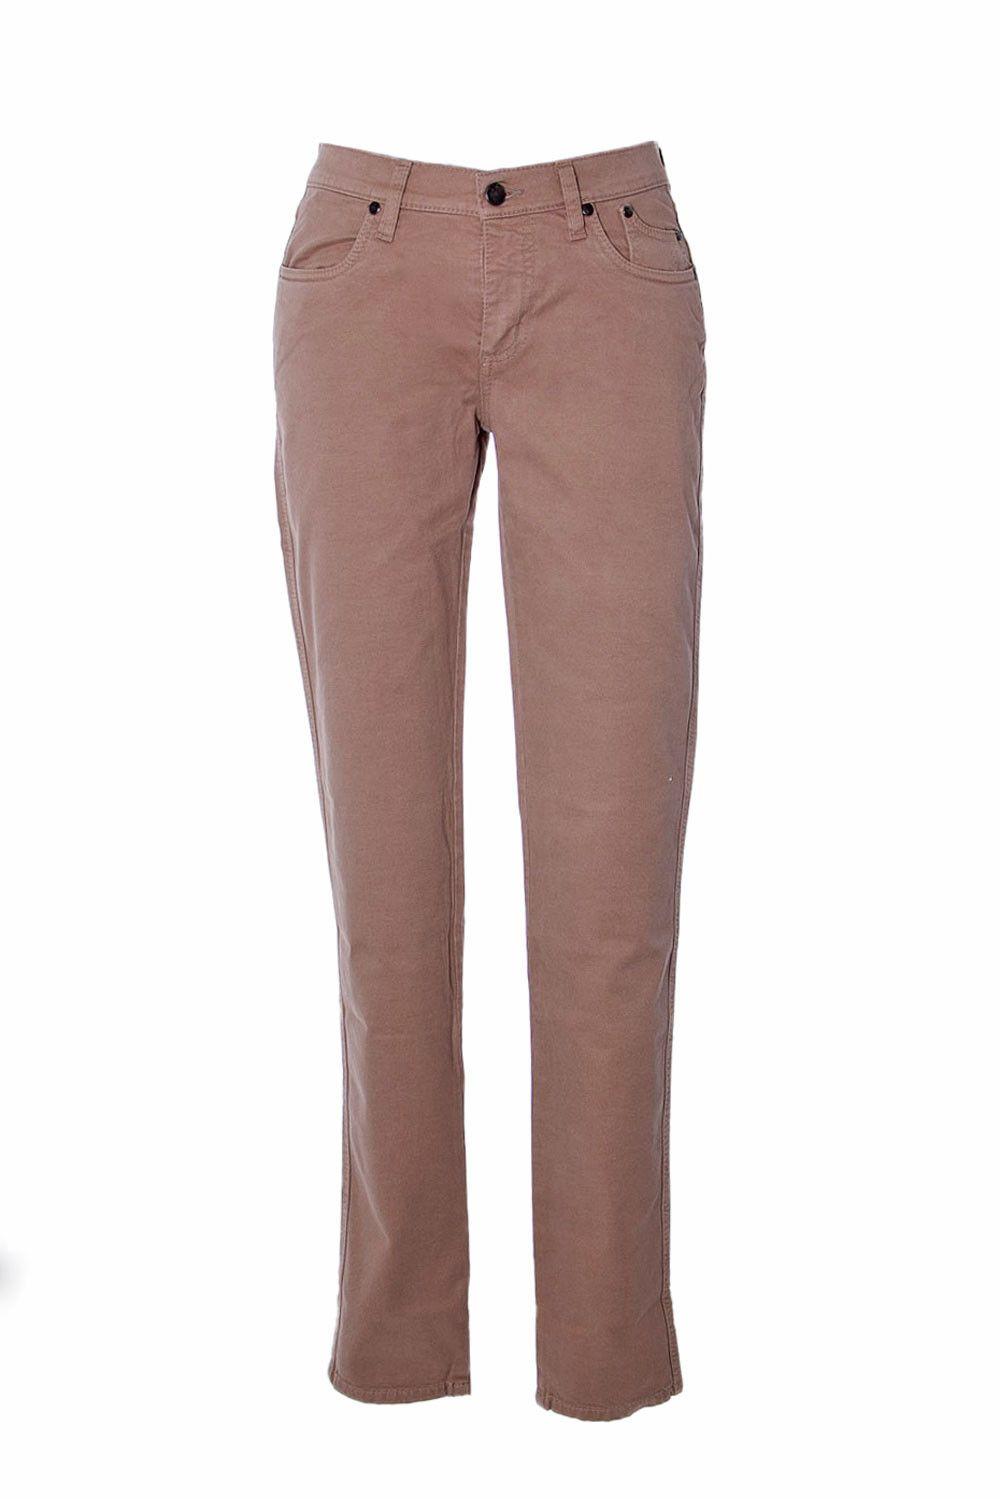 Jeckerson Women's Jeans In Beige